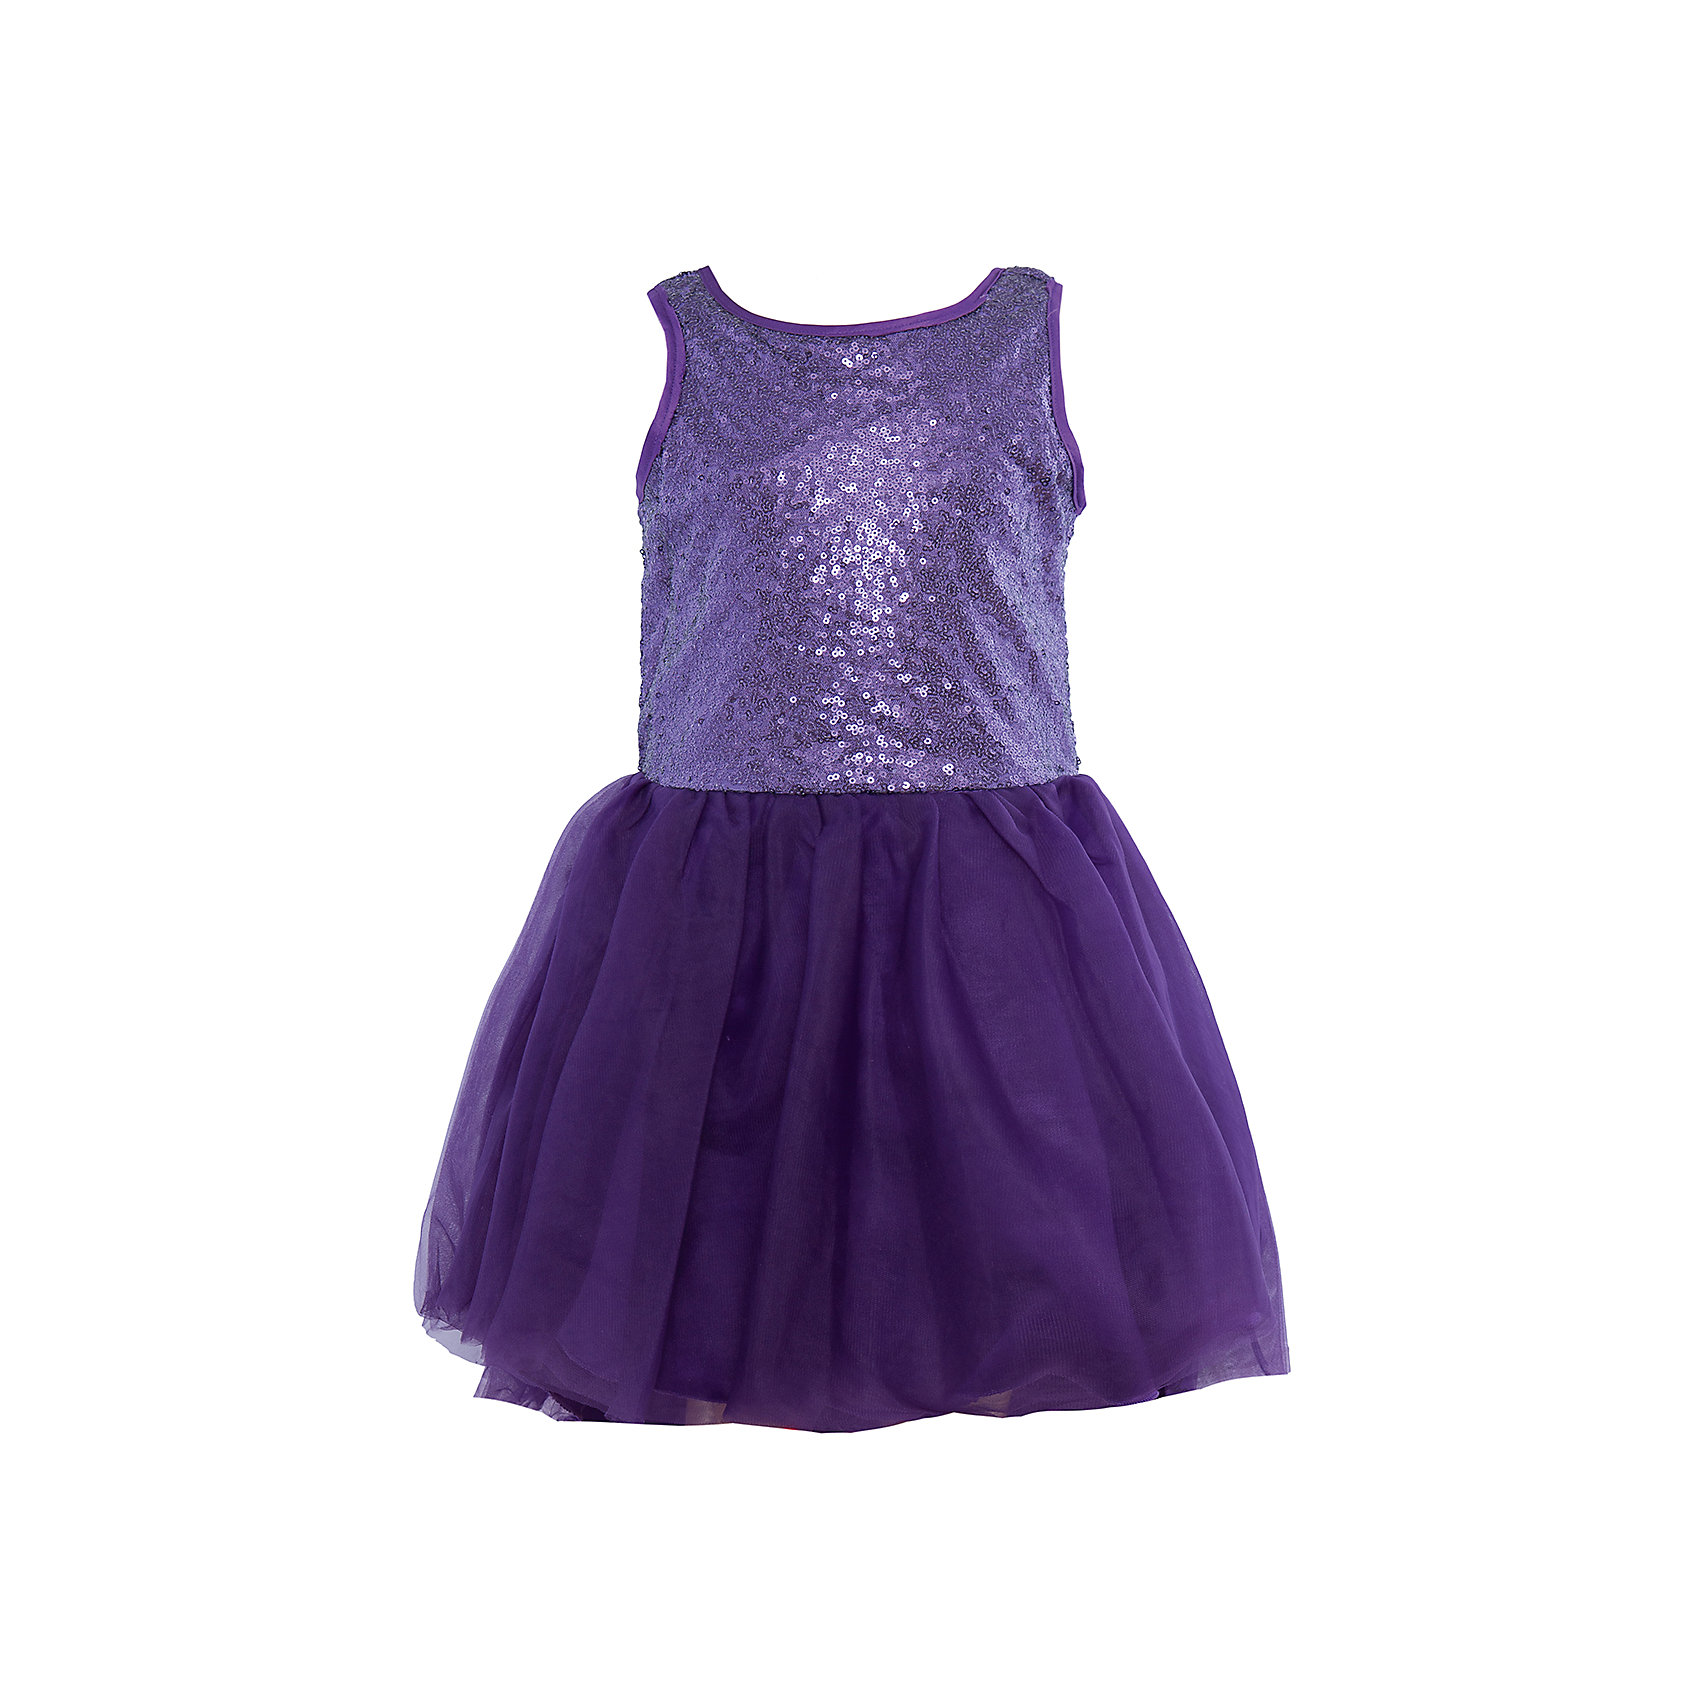 Нарядное платье для девочки Sweet BerryОдежда<br>Характеристики:<br><br>• Вид одежды: платье<br>• Предназначение: для праздника, торжеств<br>• Сезон: круглый год<br>• Материал: верх – 100% полиэстер; подкладка – 100% хлопок<br>• Цвет: фиолетовый<br>• Силуэт: классический А-силуэт<br>• Длина платья: миди<br>• Стиль юбки: пачка<br>• Вырез горловины: круглый<br>• Застежка: молния на спинке<br>• Особенности ухода: ручная стирка без применения отбеливающих средств, глажение при низкой температуре <br><br>Sweet Berry – это производитель, который сочетает в своей одежде функциональность, качество, стиль и следование современным мировым тенденциям в детской текстильной индустрии. <br>Стильное платье для девочки от знаменитого производителя детской одежды Sweet Berry выполнено из полиэстера с хлопковой подкладкой. Изделие имеет классический силуэт с отрезной талией и многослойную юбку-пачку со шлейфом. Пышность и объем юбке придает подъюбник. Полочка оформлена пайетками фиолетового цвета, вырез рукавов и горловины обработаны атласной лентой. Праздничное платье от Sweet Berry – это залог успеха вашего ребенка на любом торжестве!<br><br>Платье для девочки Sweet Berry можно купить в нашем интернет-магазине.<br><br>Ширина мм: 236<br>Глубина мм: 16<br>Высота мм: 184<br>Вес г: 177<br>Цвет: фиолетовый<br>Возраст от месяцев: 24<br>Возраст до месяцев: 36<br>Пол: Женский<br>Возраст: Детский<br>Размер: 98,110,122,128,104,116<br>SKU: 5052154